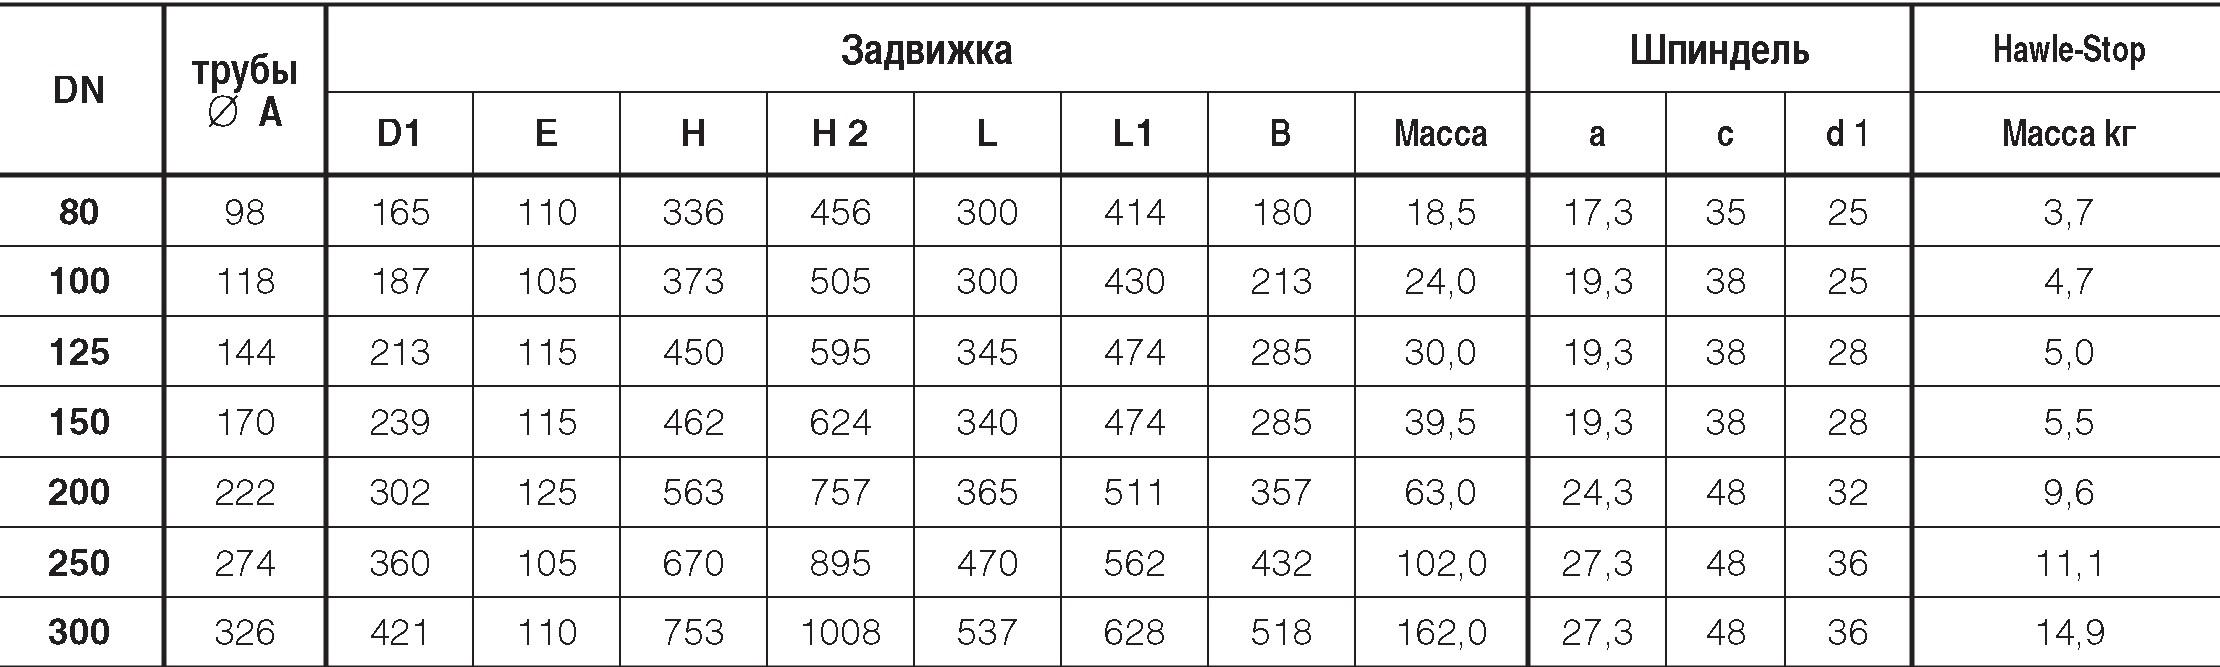 Таблица характеристик для Задвижка клиновая чугунная фланцевая Hawle 4500E2 раструбная (с муфтой BAIO)